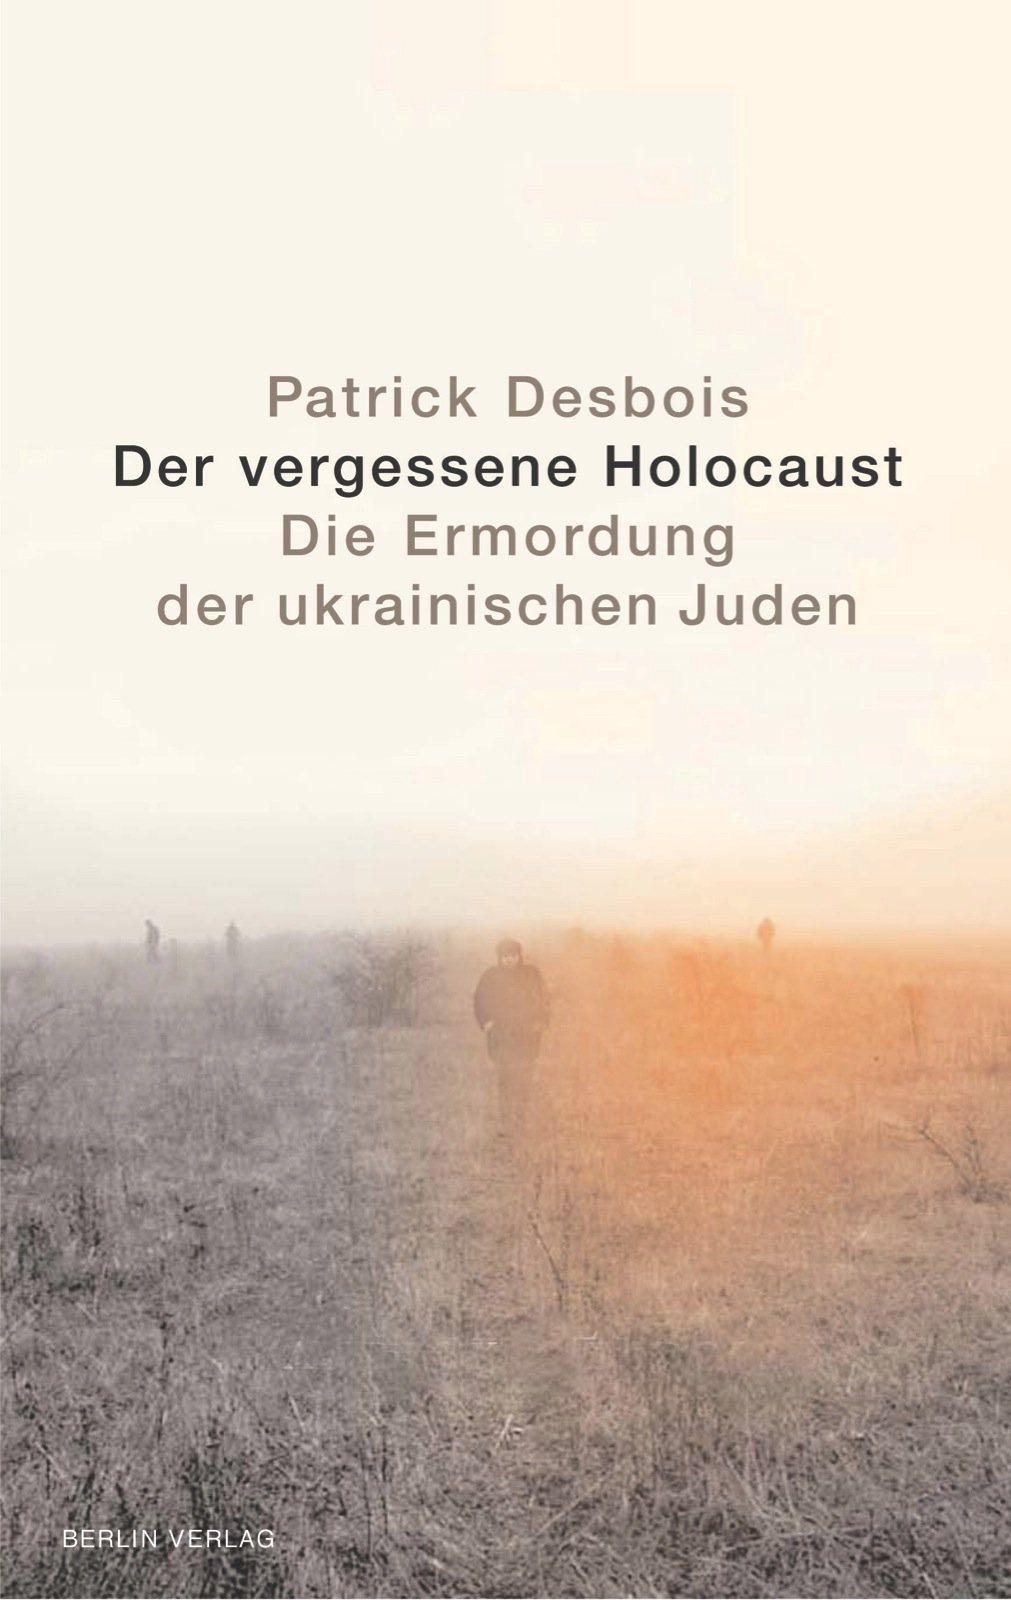 Der vergessene Holocaust: Die Ermordung der ukrainischen Juden. Eine Spurensuche